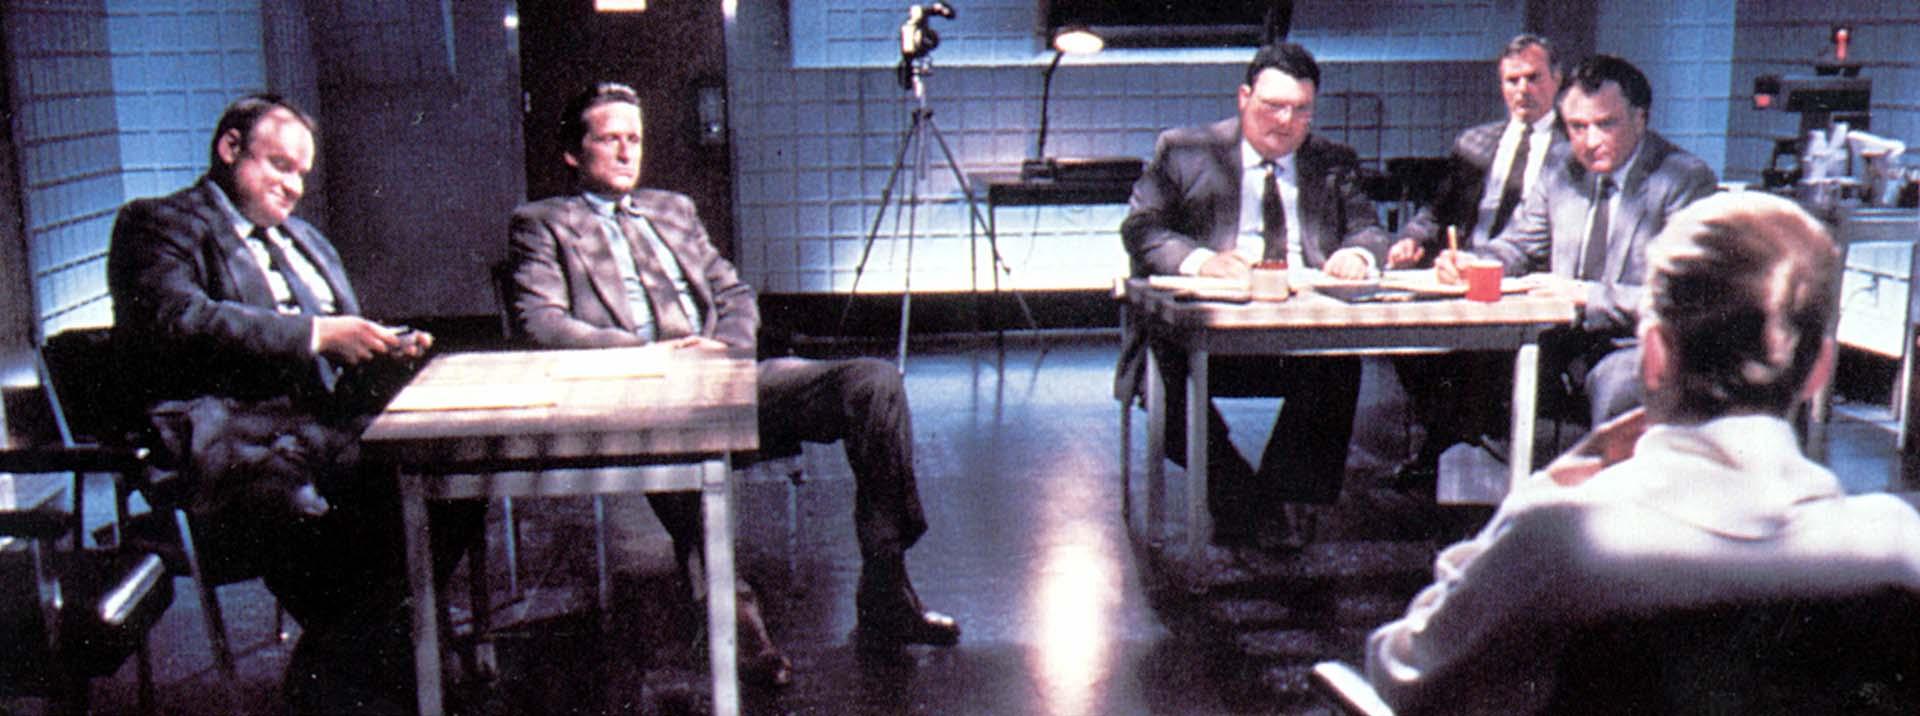 George Dzundza, Michael Douglas, Wayne Knight, Chelcie Ross, Denis Arndt y  Sharon Stone en la escena más recordada y que enloqueció al público. Su representante le dijo que esa escena iba a liquidar su carrera. Se equivocó (Shuterstock)